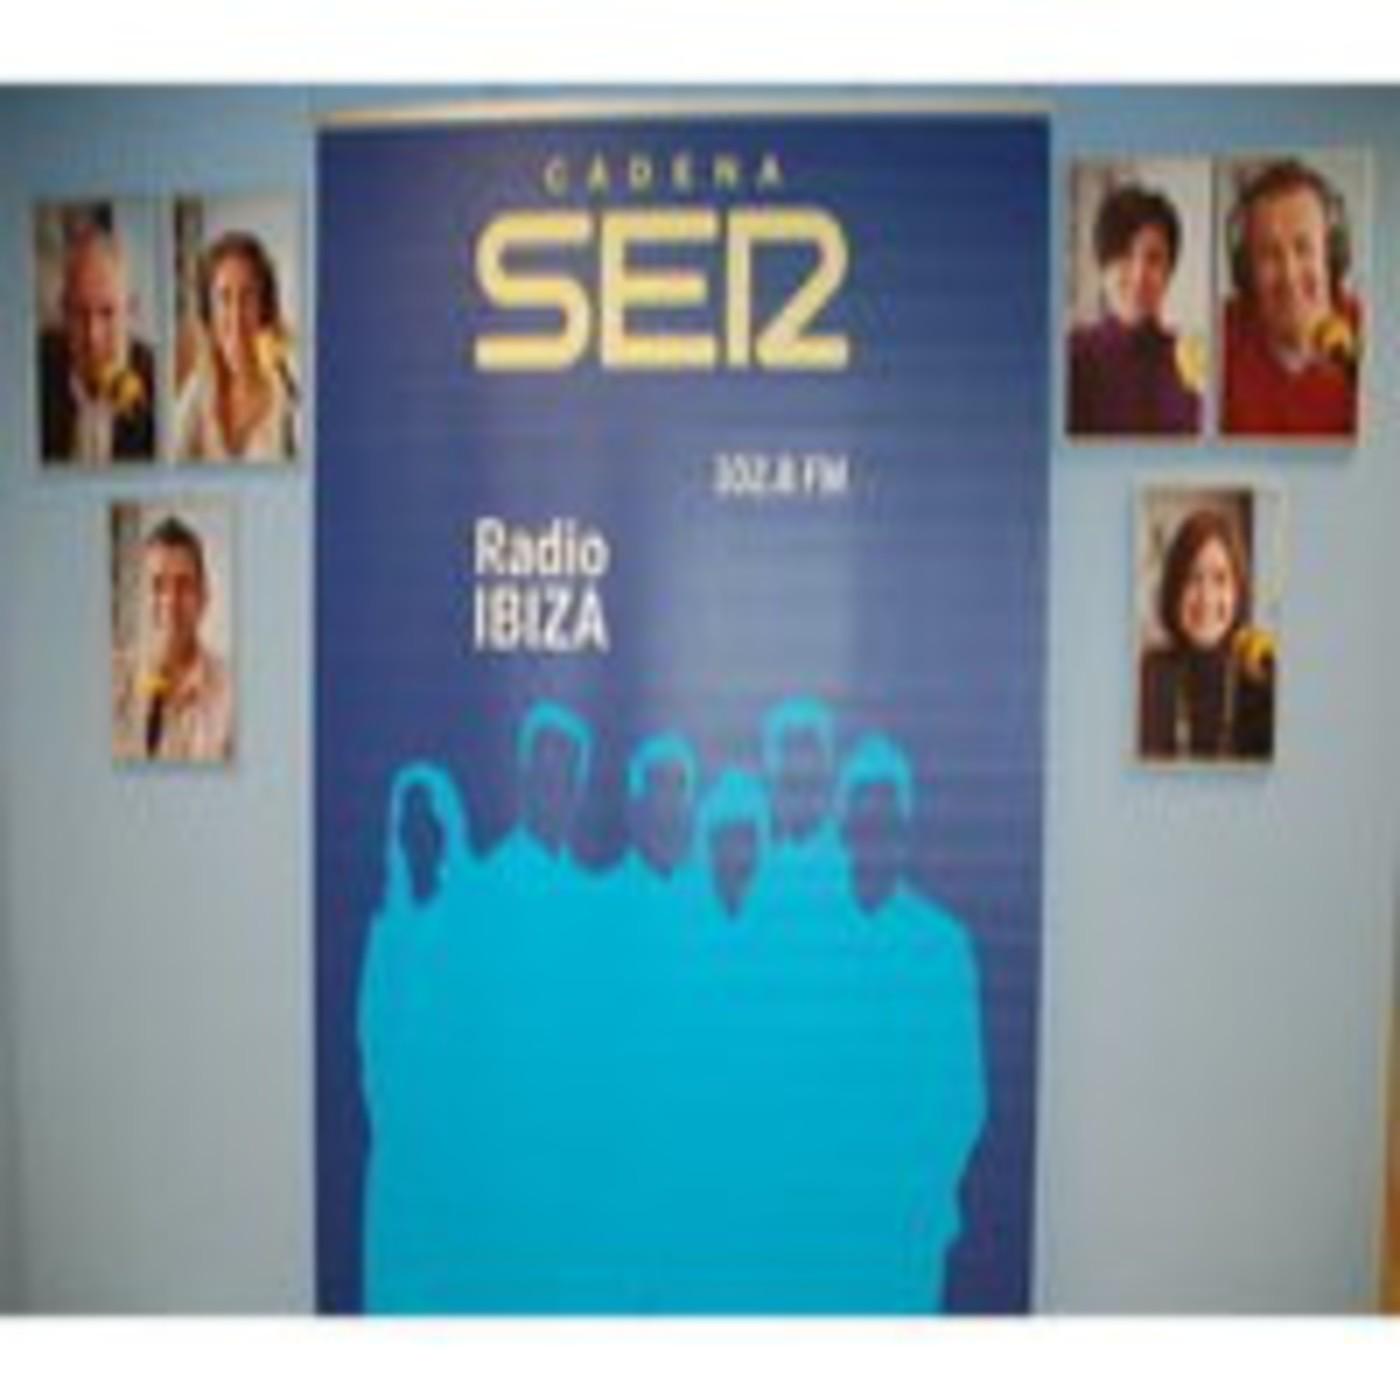 Podcast Radio Ibiza